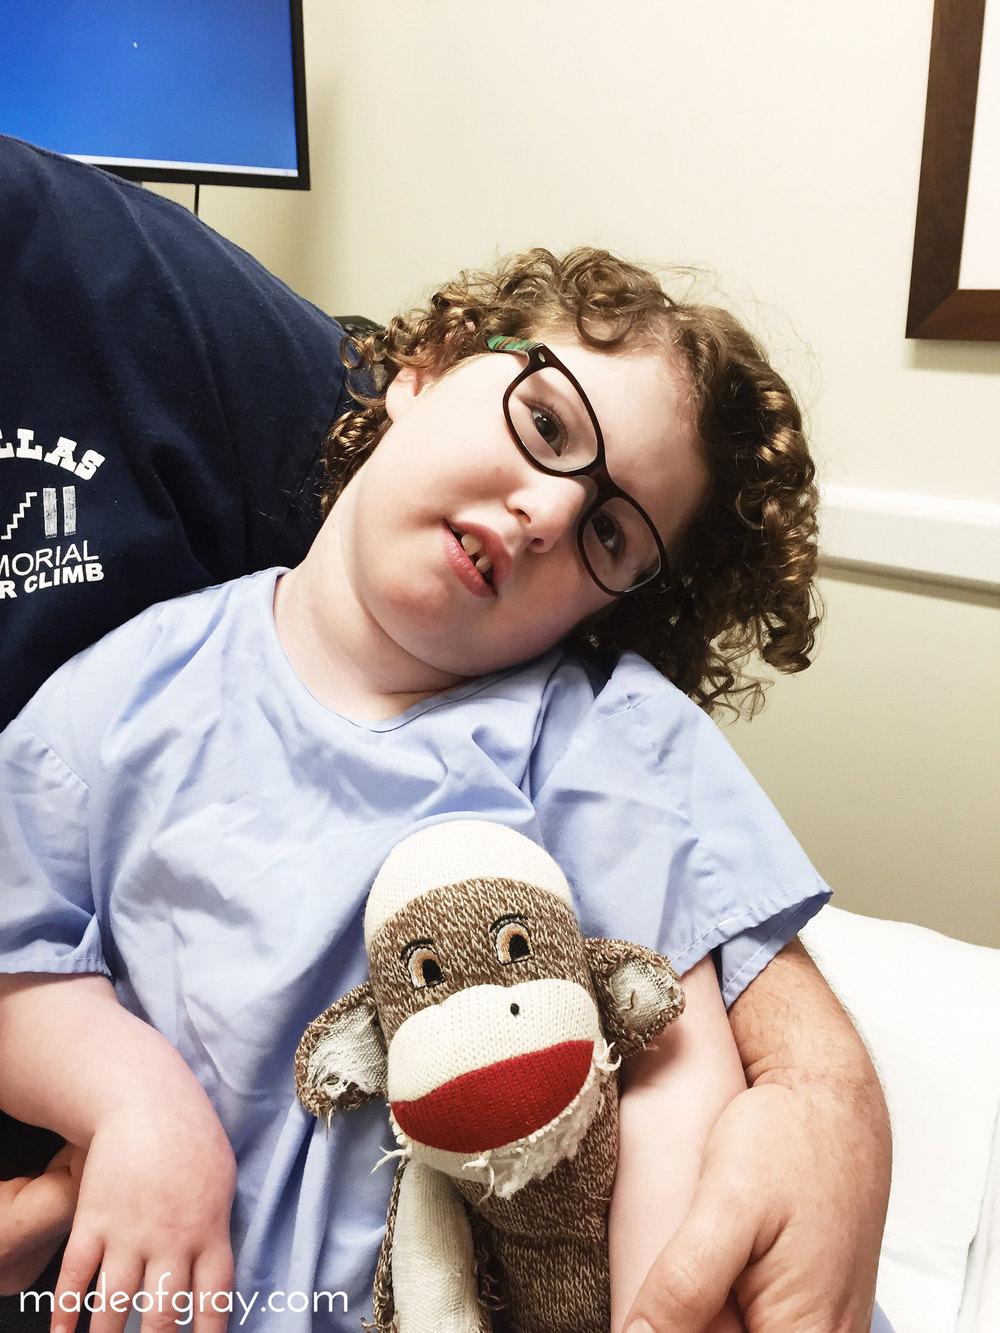 SPML (PERCS) Surgery with Dr. Yngve via madeofgray.com